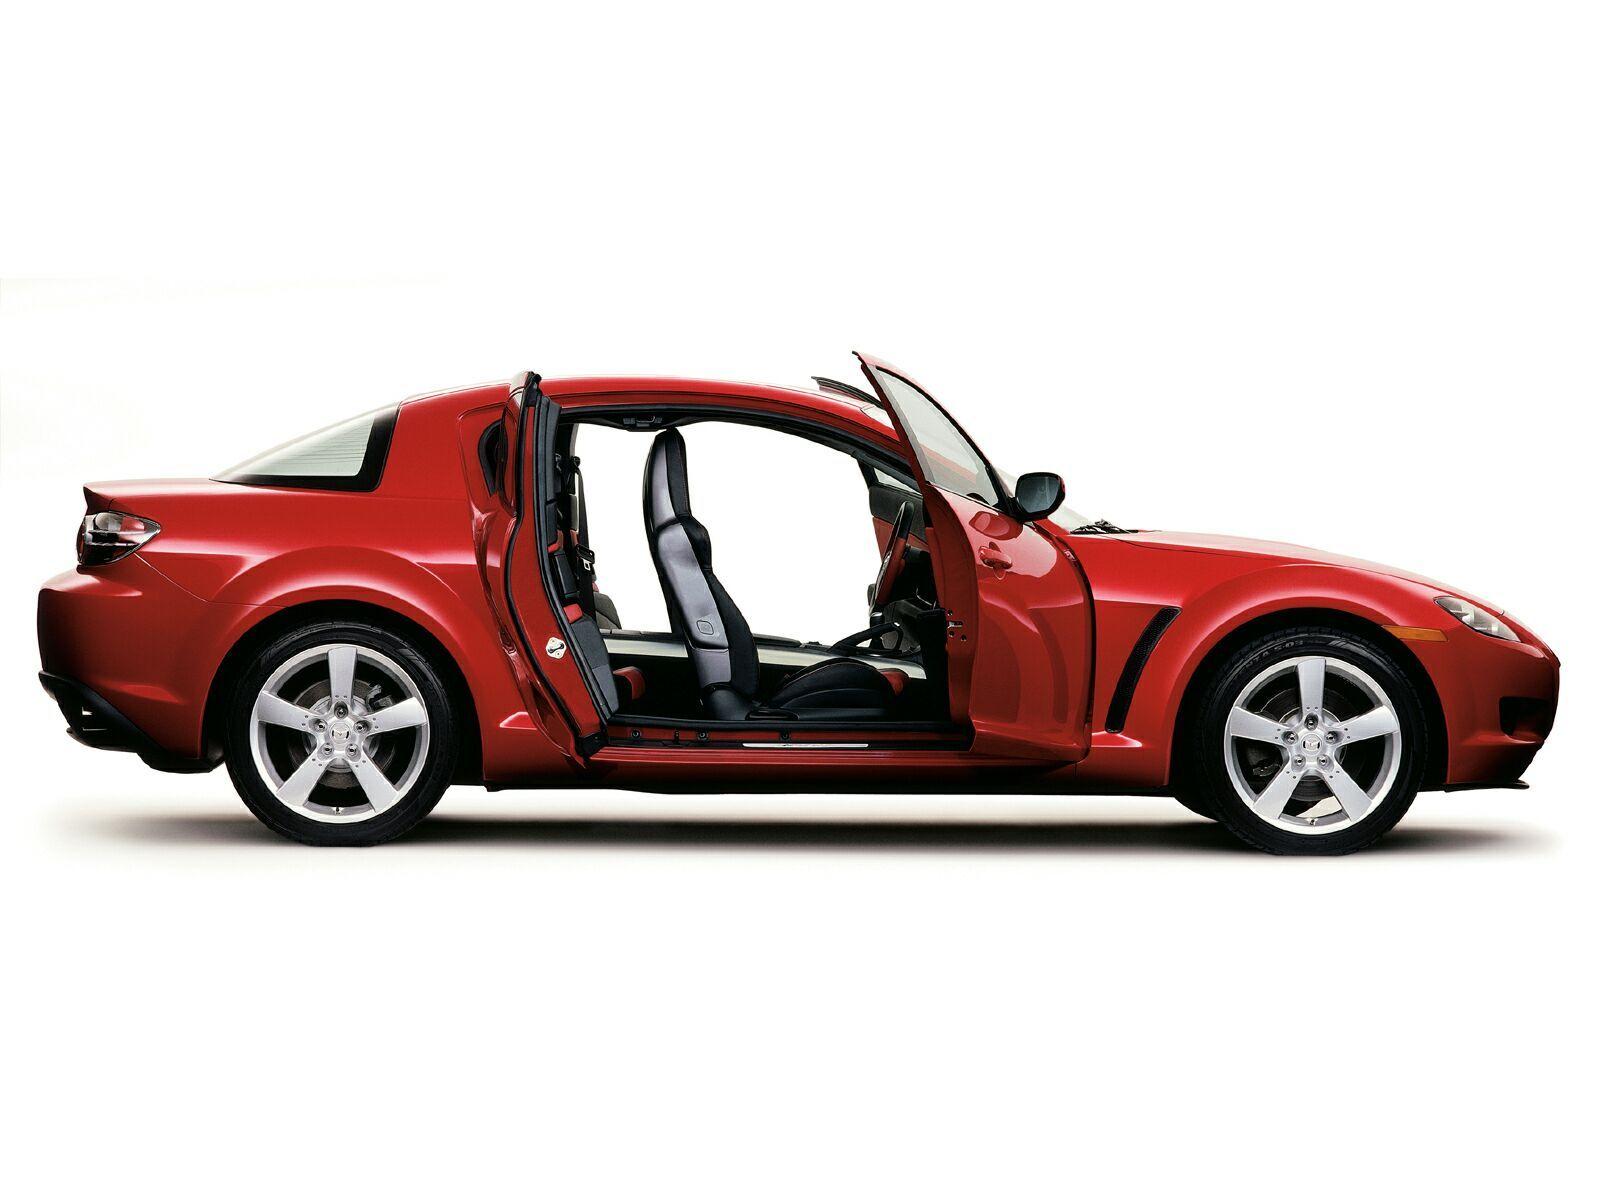 Mazda Rx8 Side View Doors Open Wallpaper 1600x1200